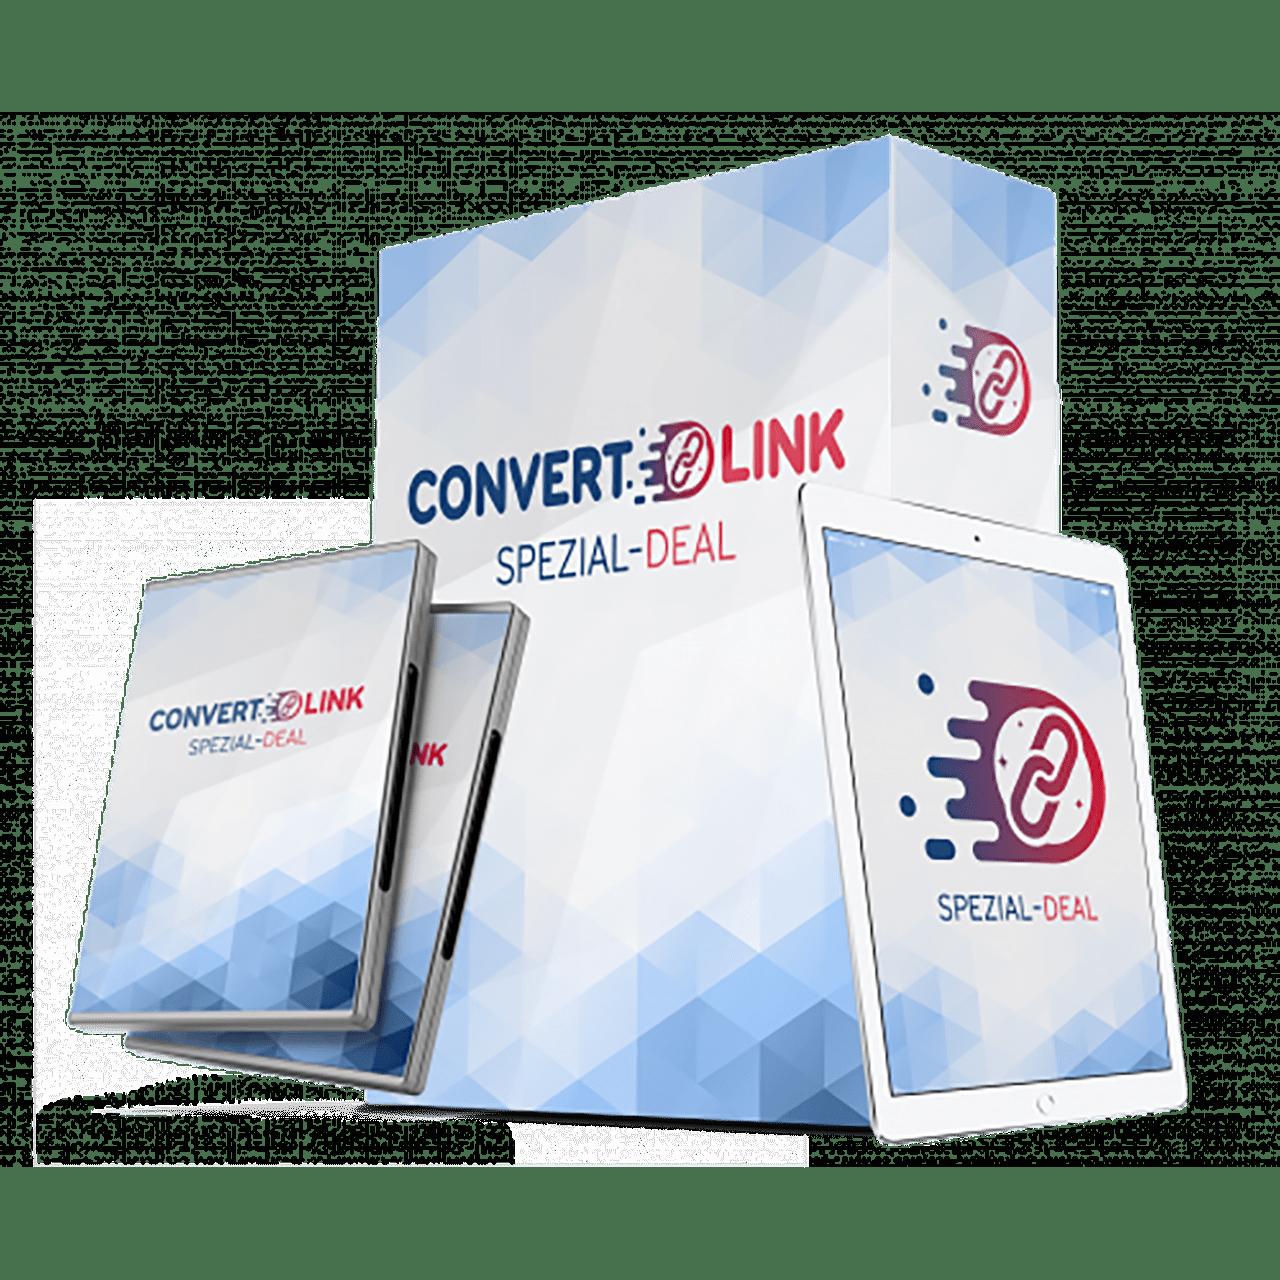 ConvertLink - kostenlose Affiliate-Link-Software für Online-Marketer